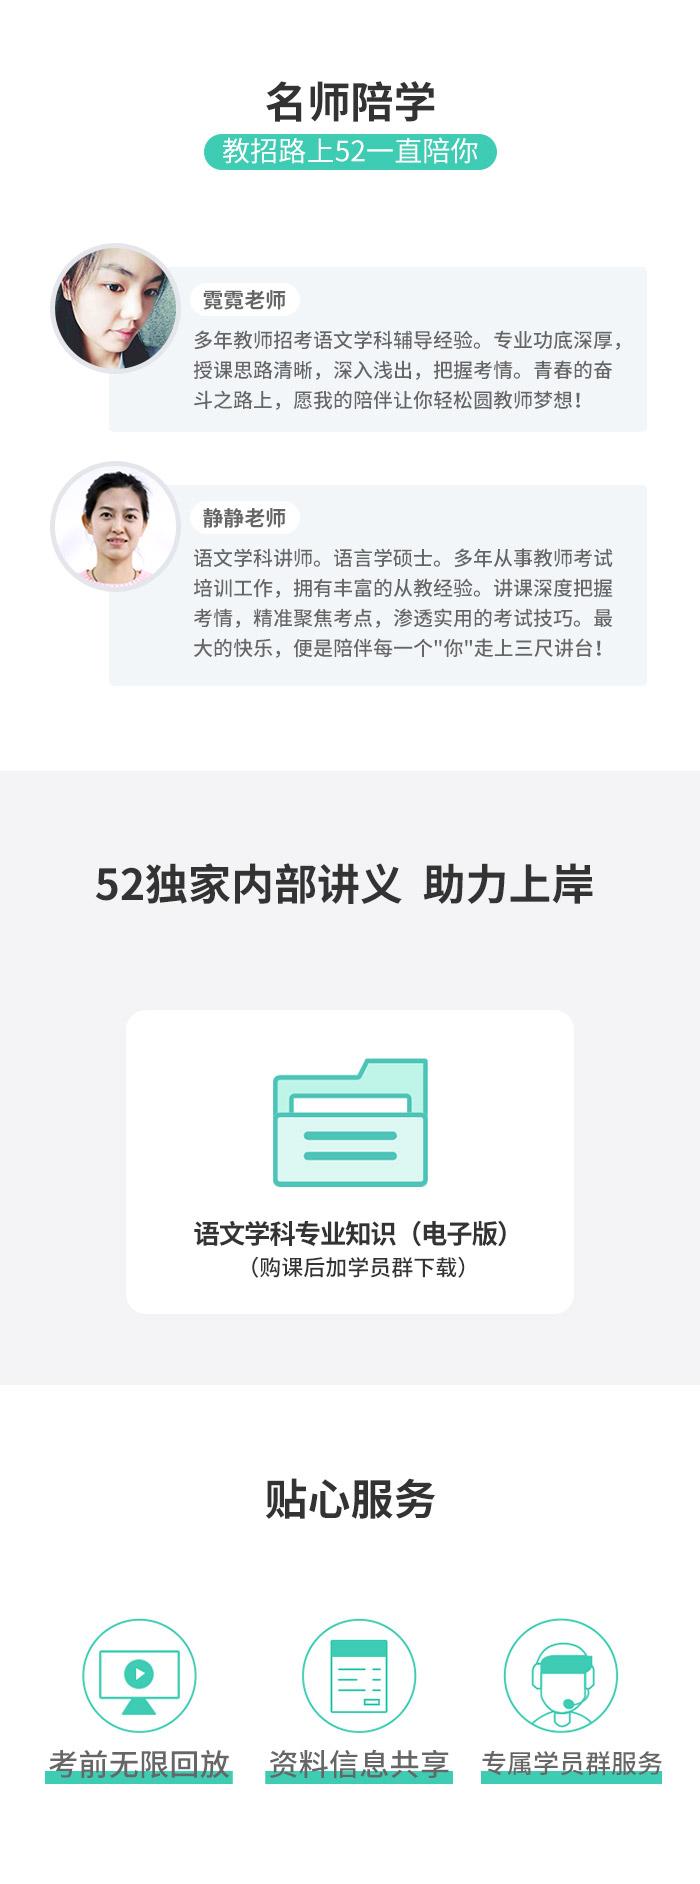 2018教招语文学科专业知识精讲班_02.jpg